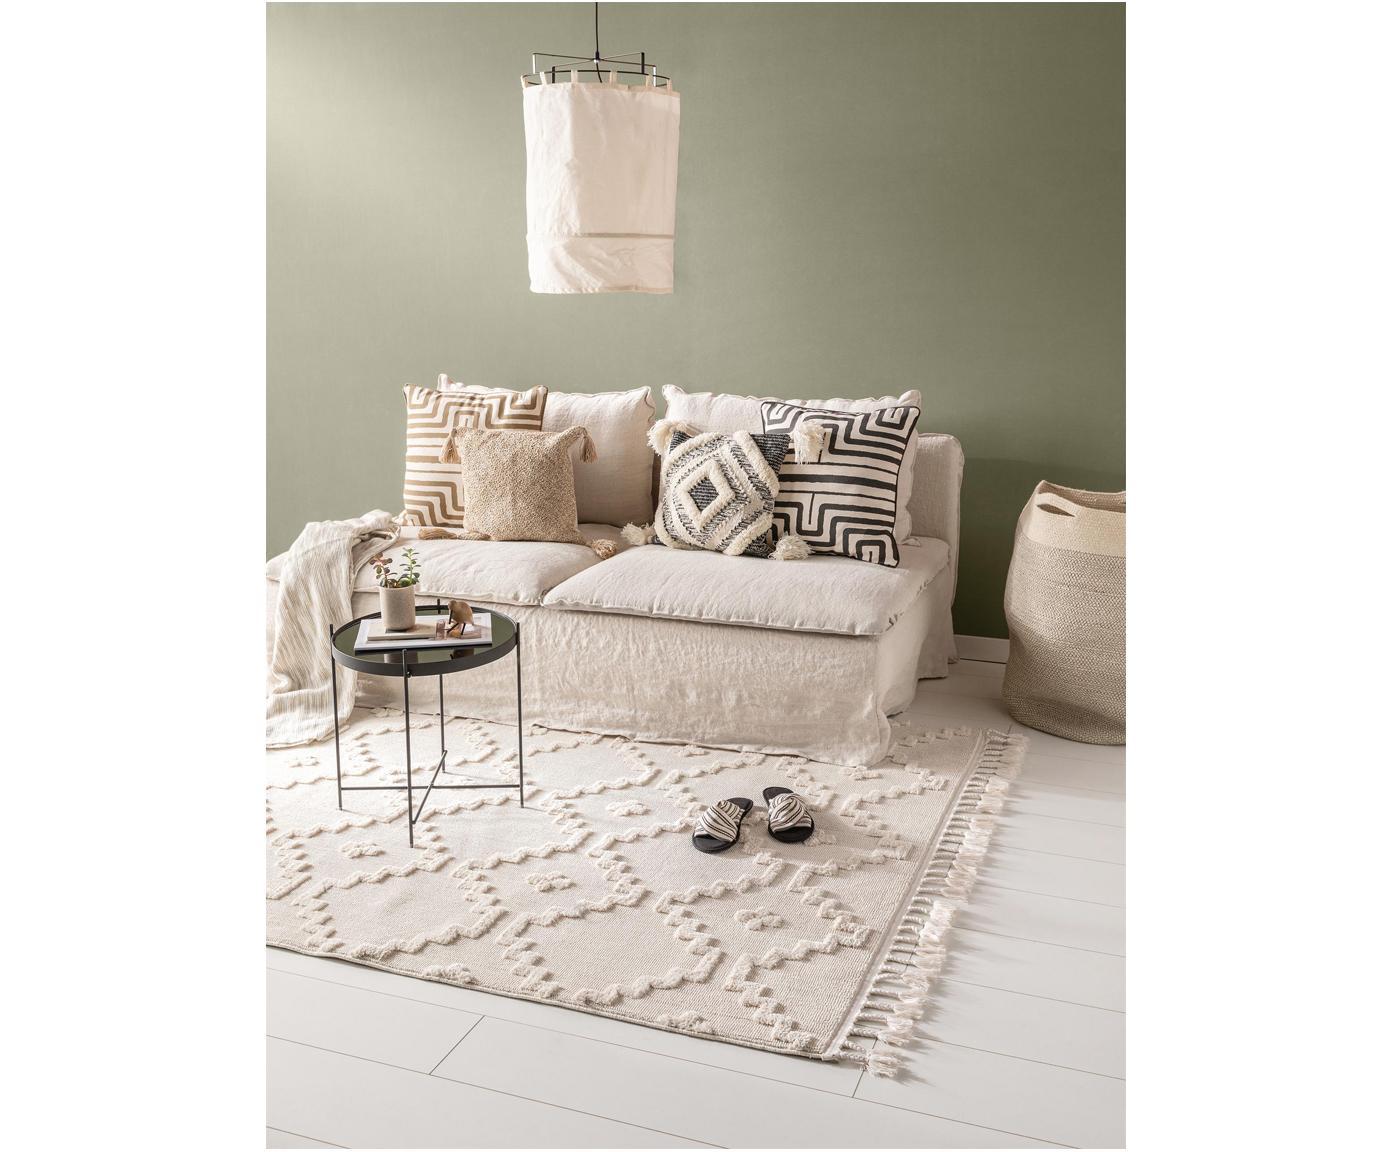 Teppich Oyo in Creme mit Reliefoptik, Flor: Polyester, Creme, B 200 x L 290 cm (Größe L)